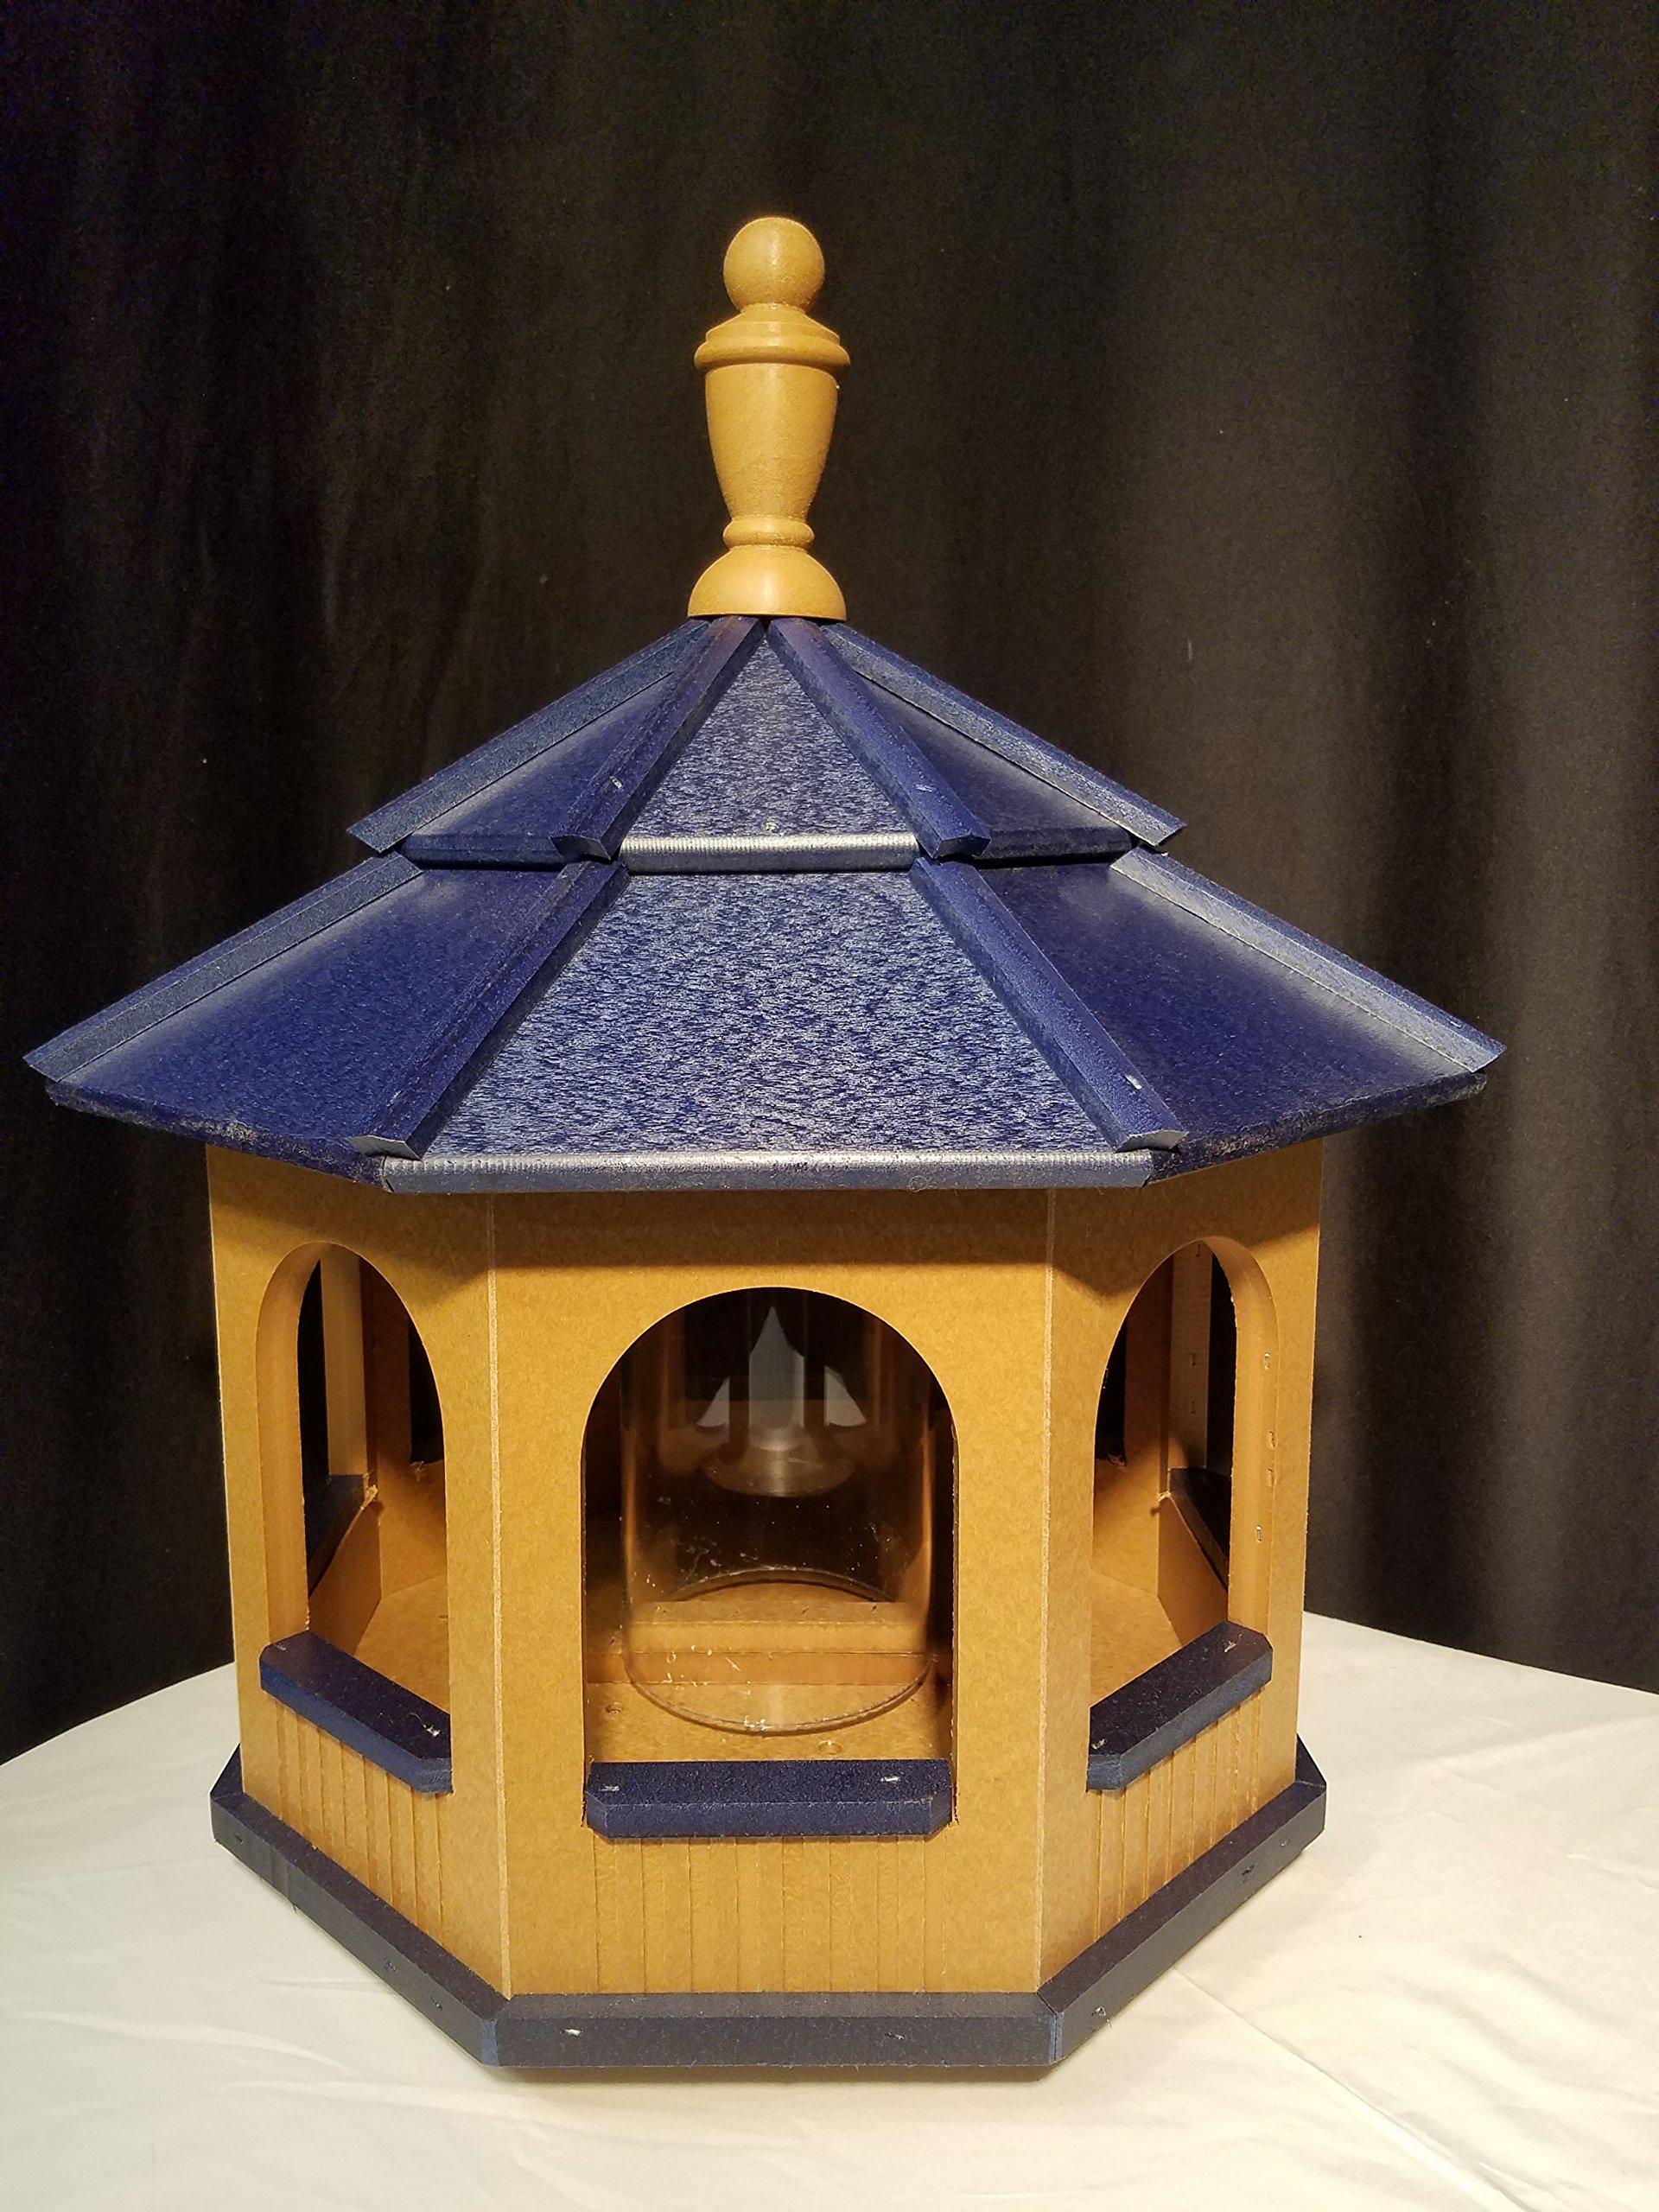 Vinyl Gazebo Bird Feeder Amish Homemade Handmade Handcrafted Cedar & Blue med